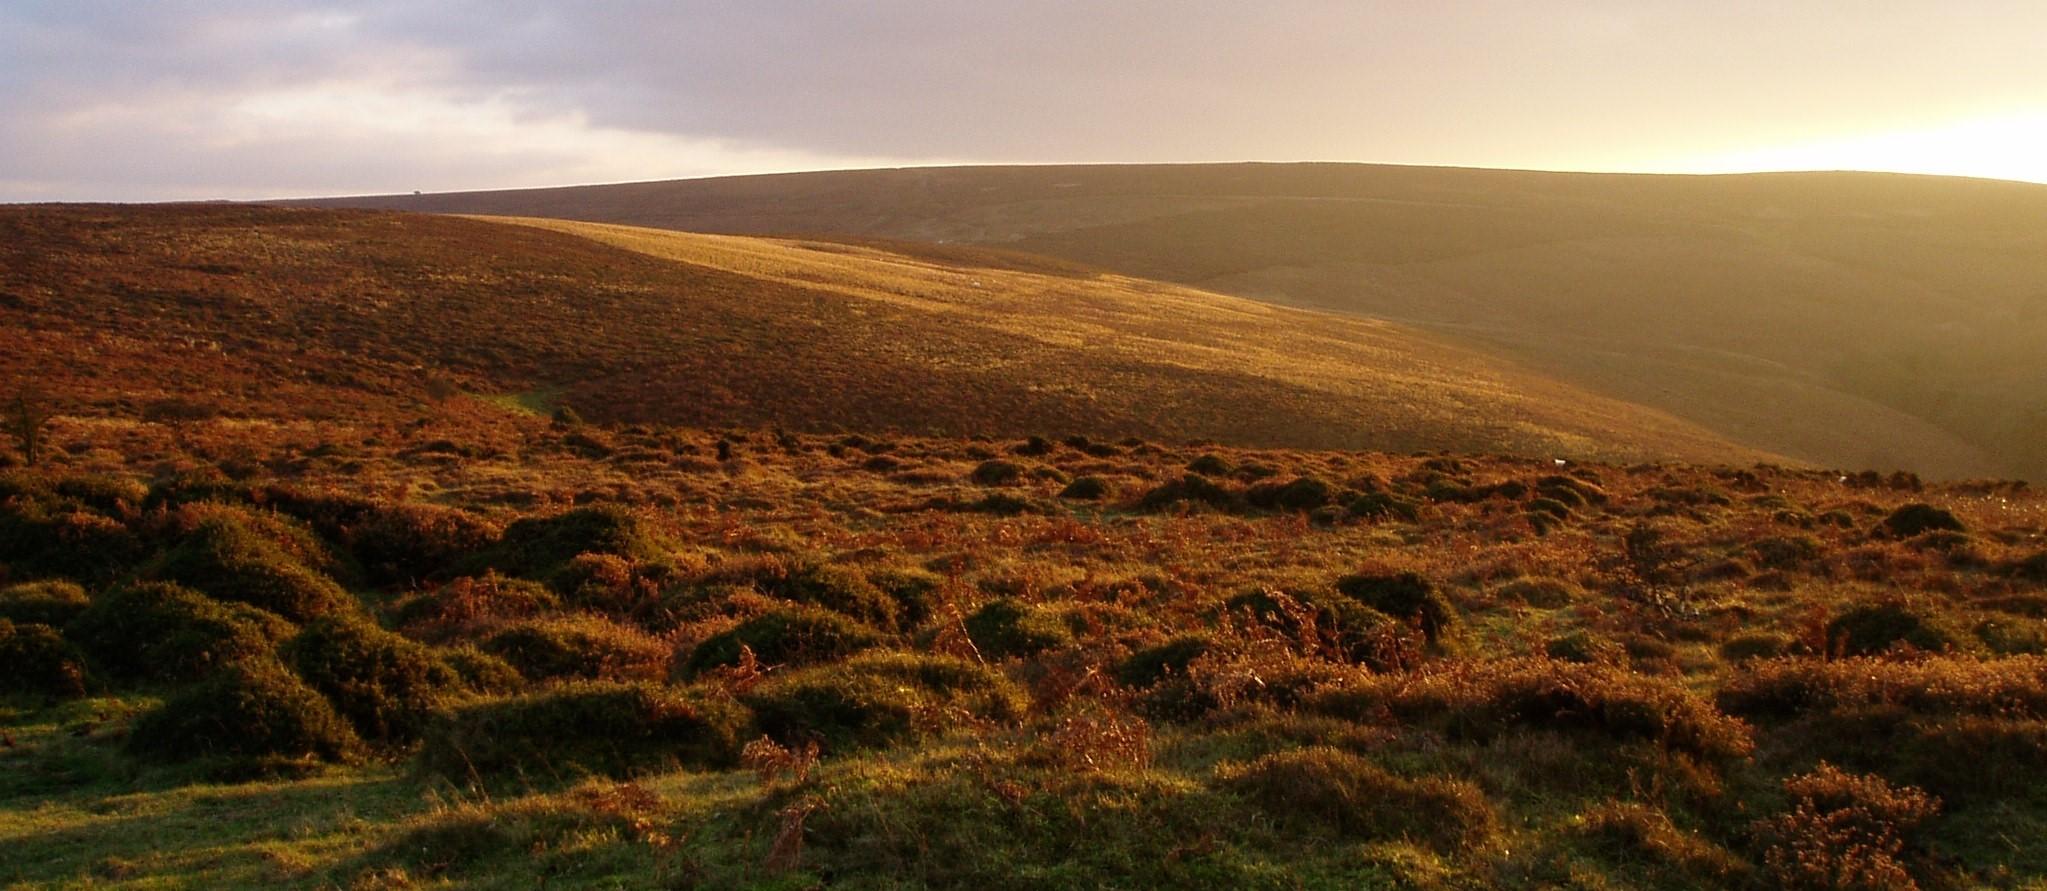 quantock hills sunset